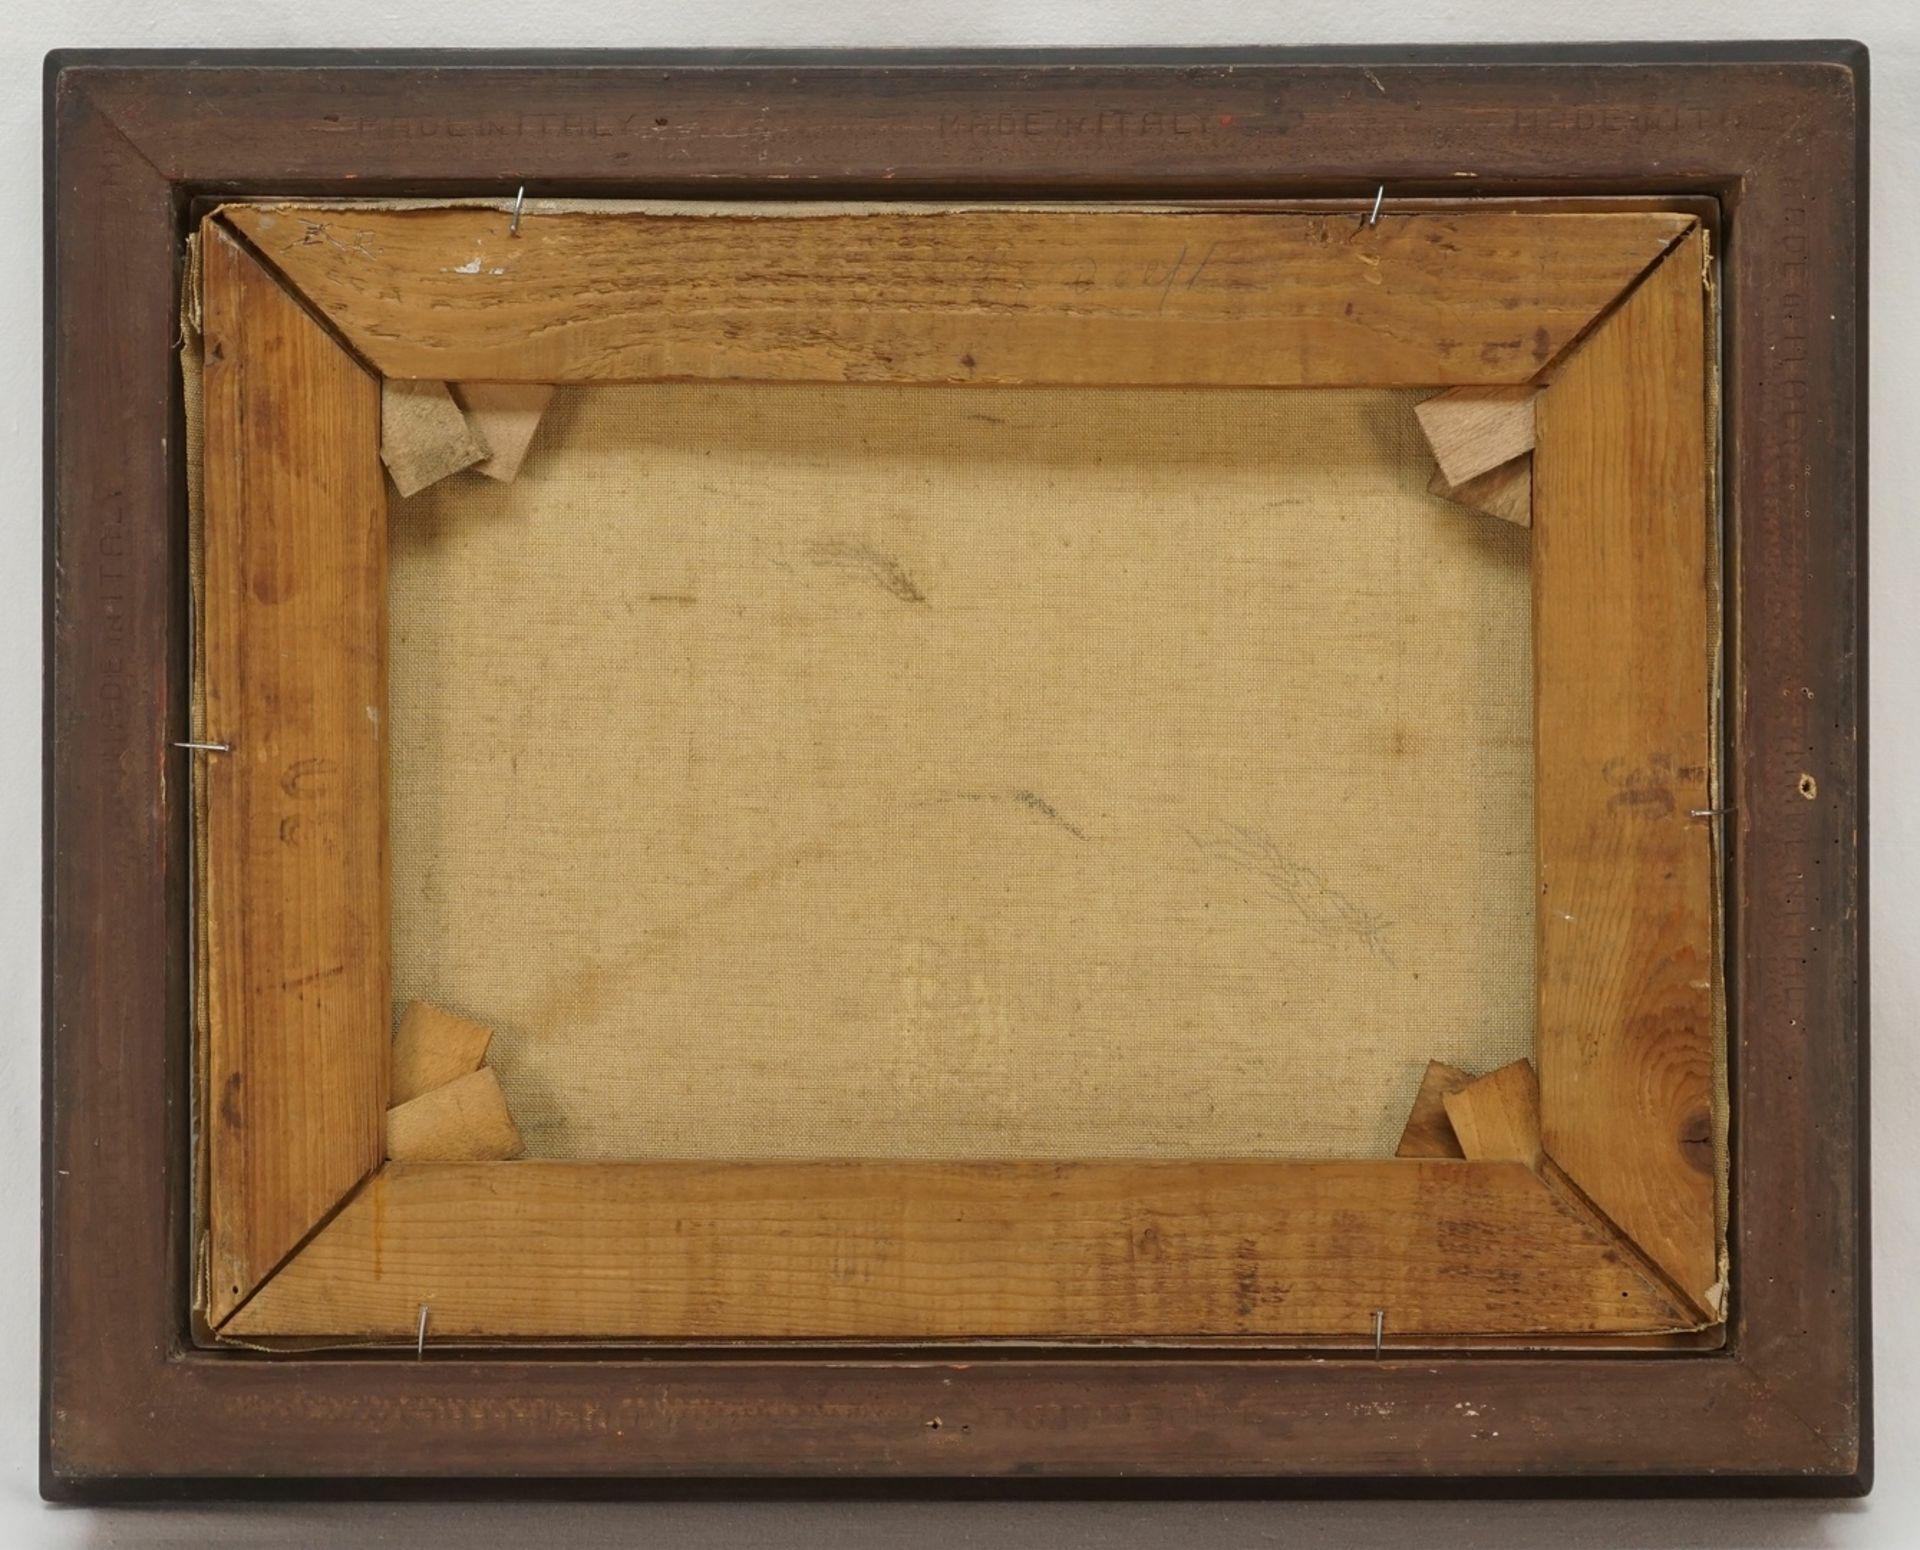 Heinrich Hermanns, Impression aus Delft (Niederlande) - Bild 3 aus 4